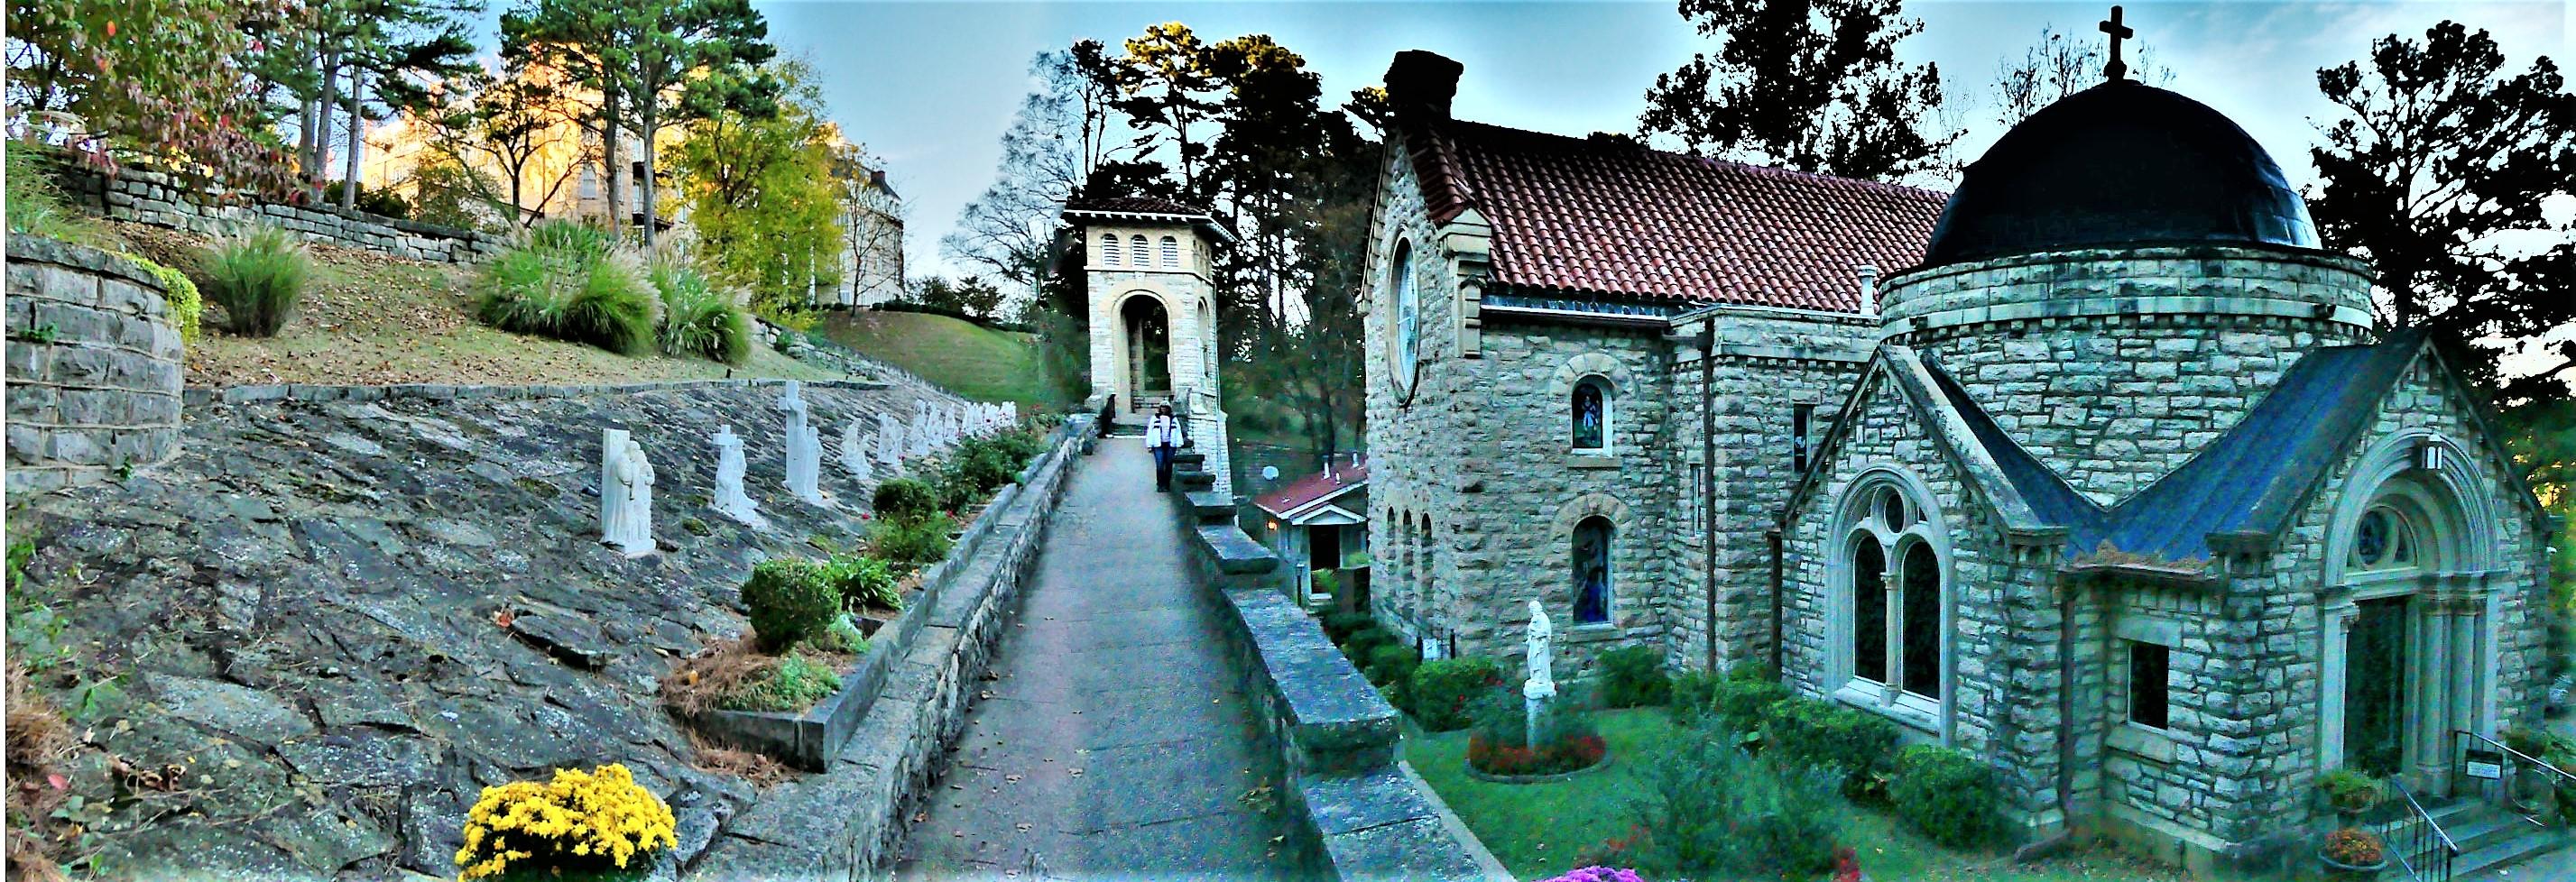 St. Elizabeth Church1 (2)